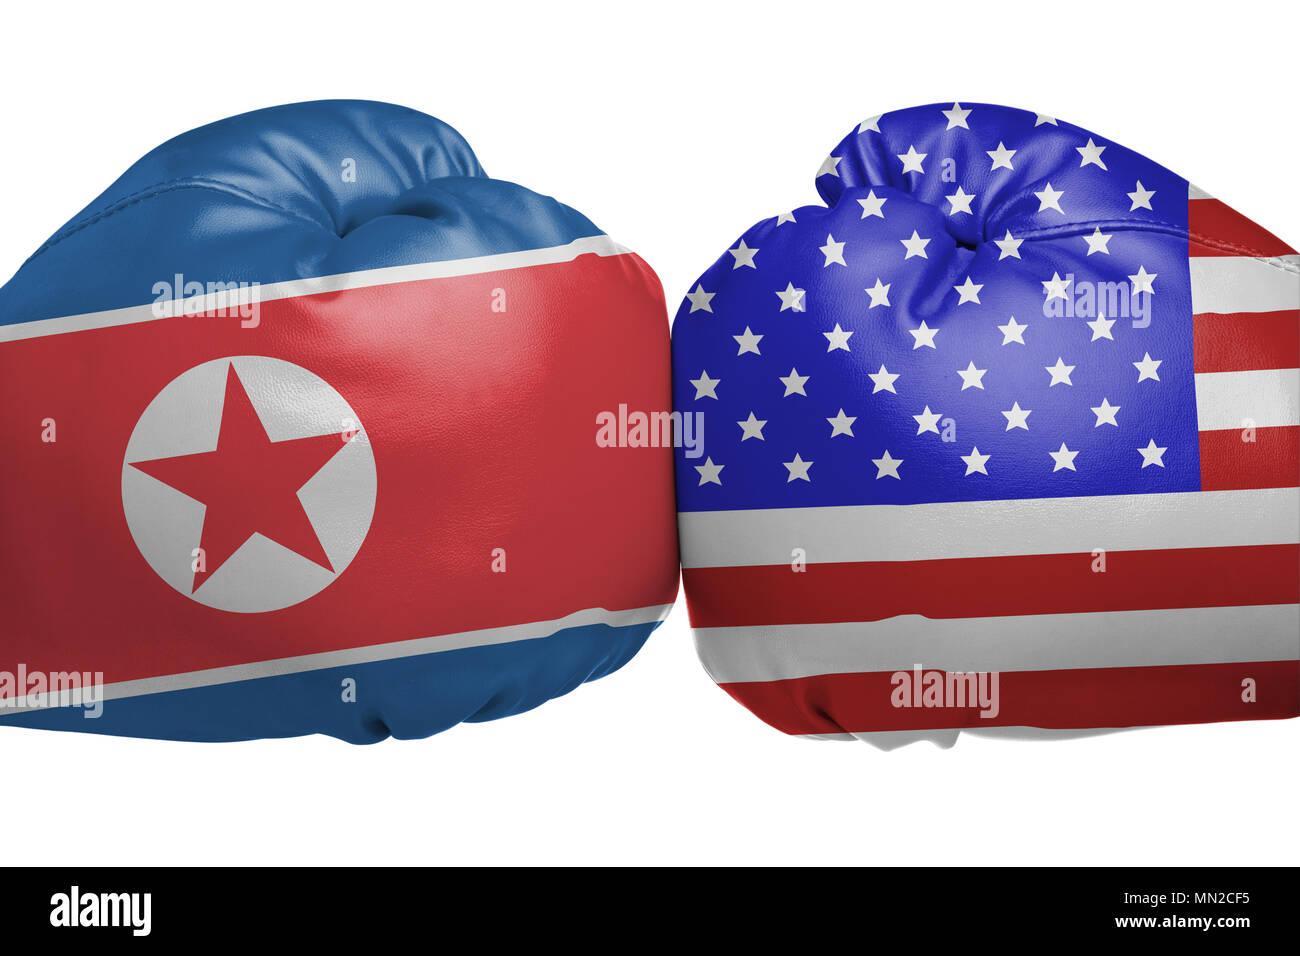 Cerca de los guantes de boxeo con Corea del Norte y la bandera de los Estados Unidos símbolos aislado sobre fondo blanco. Imagen De Stock